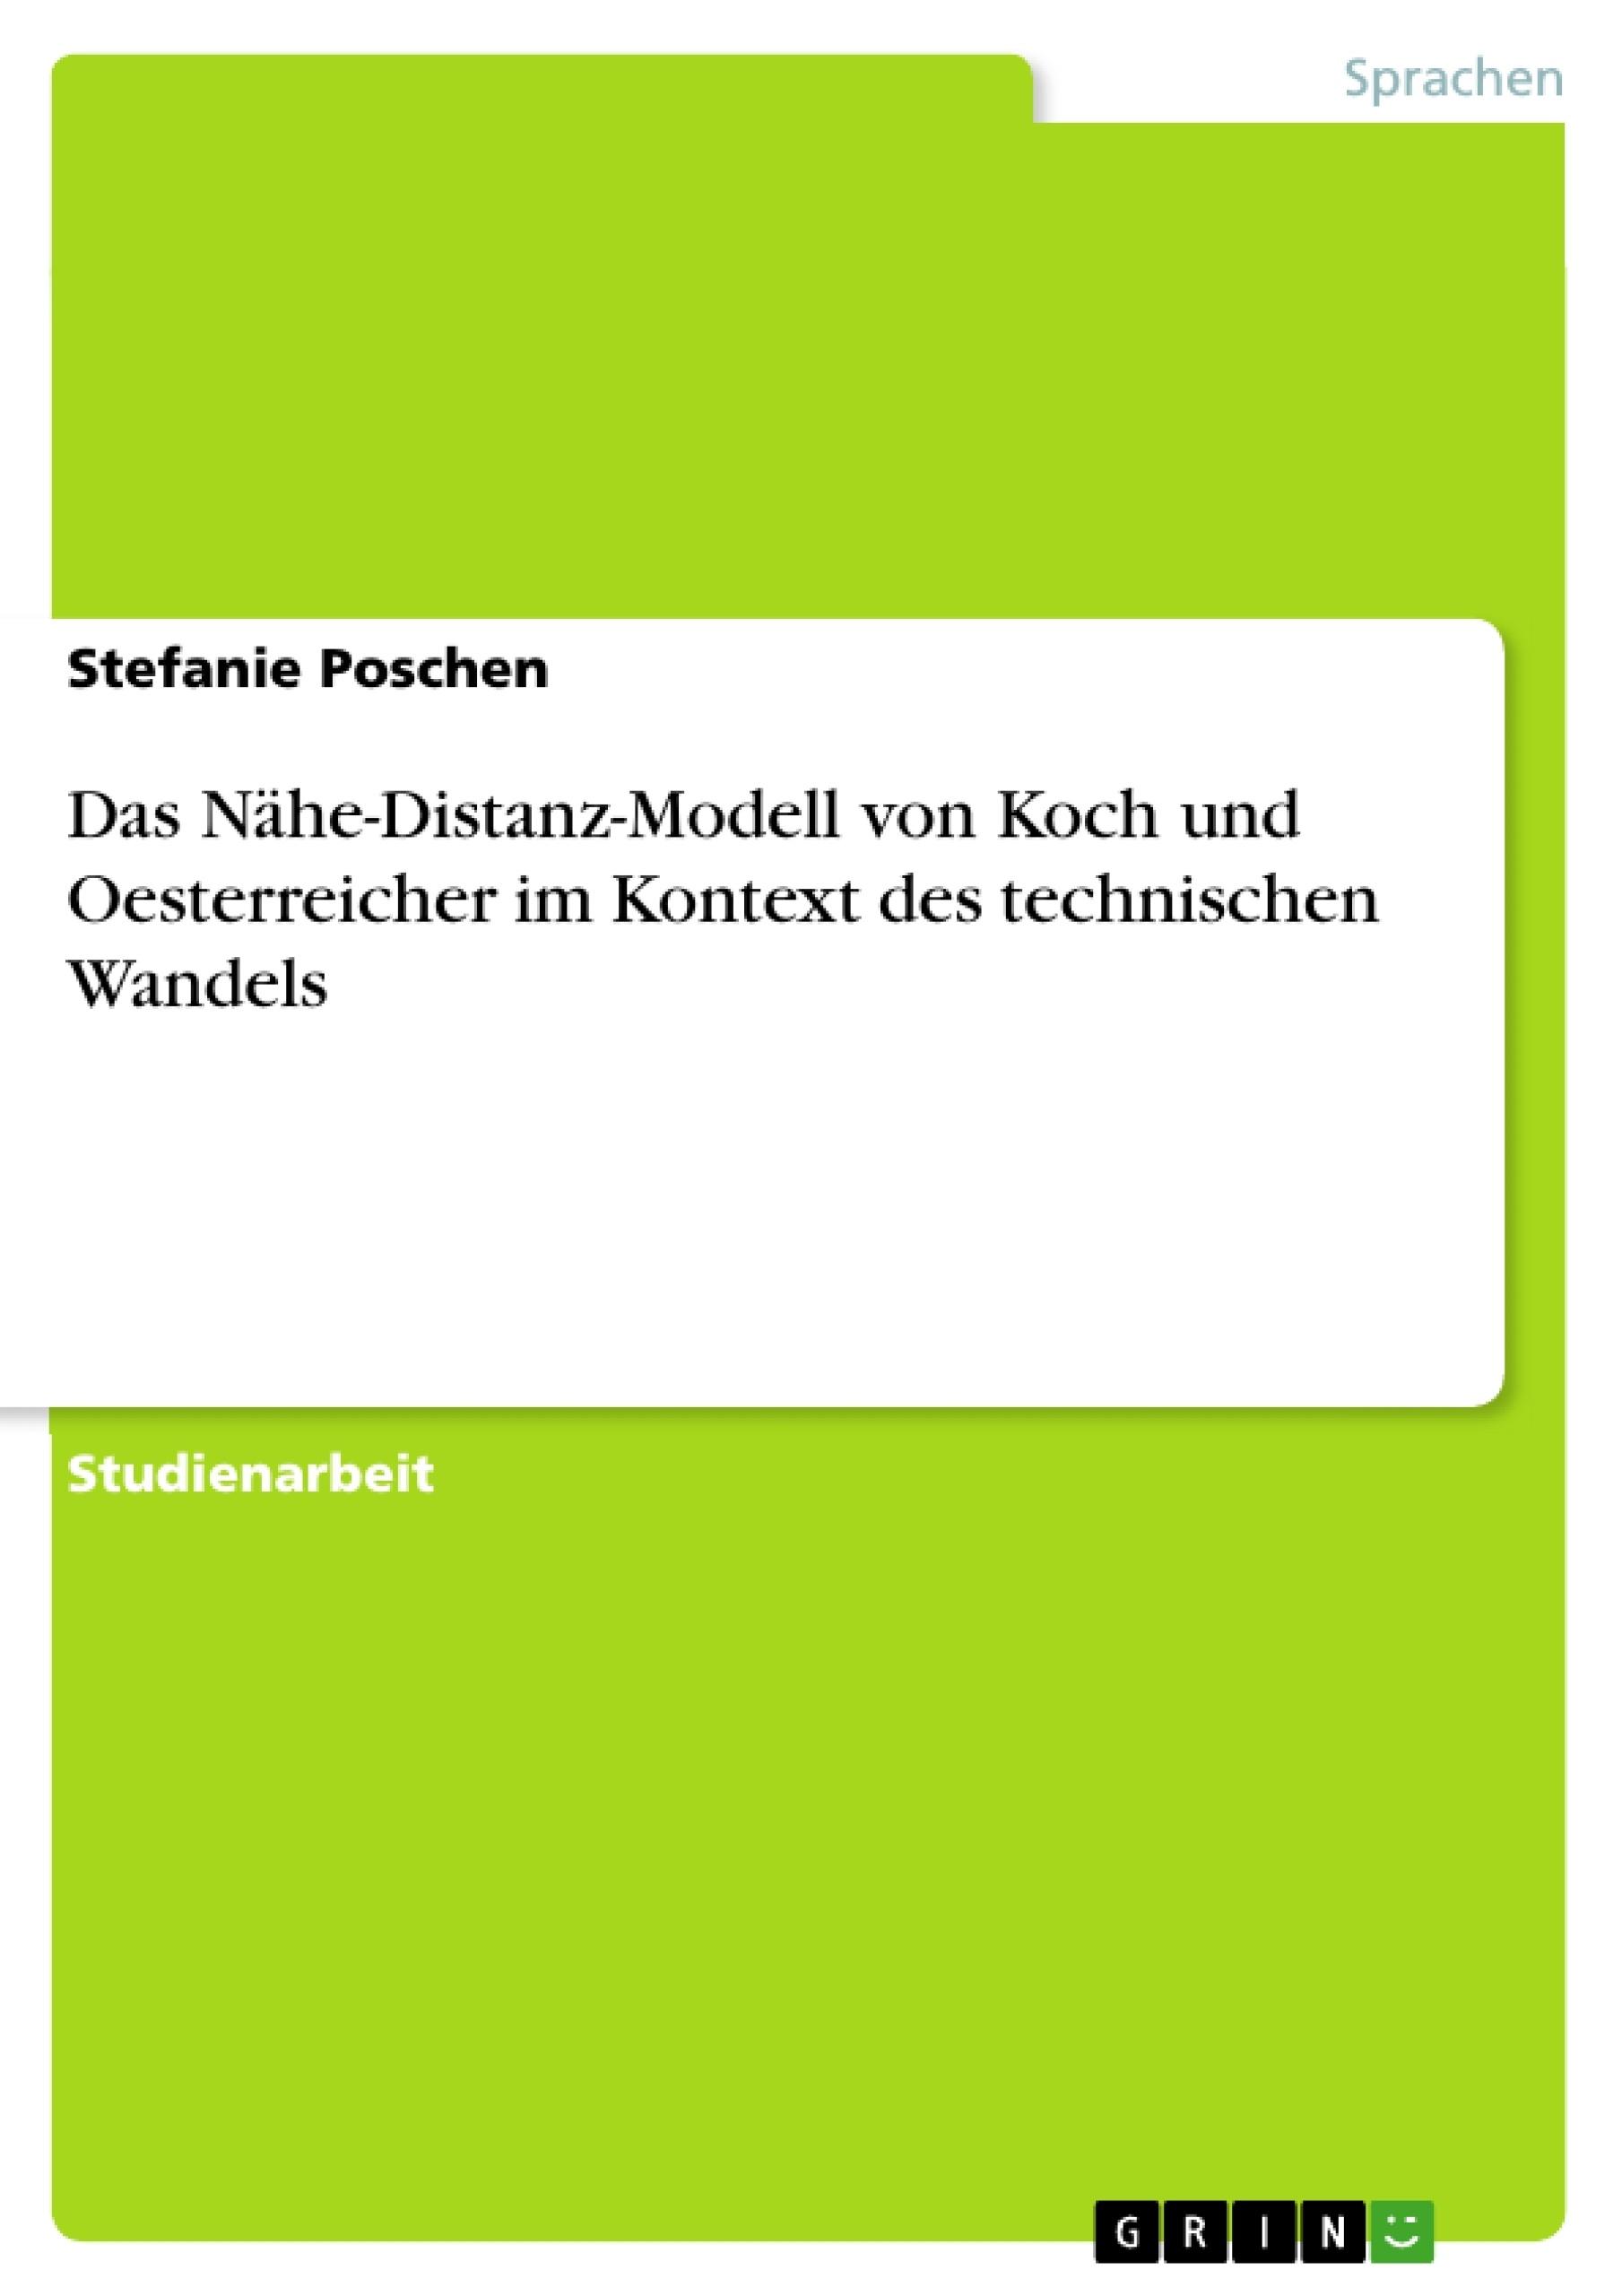 Titel: Das Nähe-Distanz-Modell von Koch und Oesterreicher im Kontext des technischen Wandels